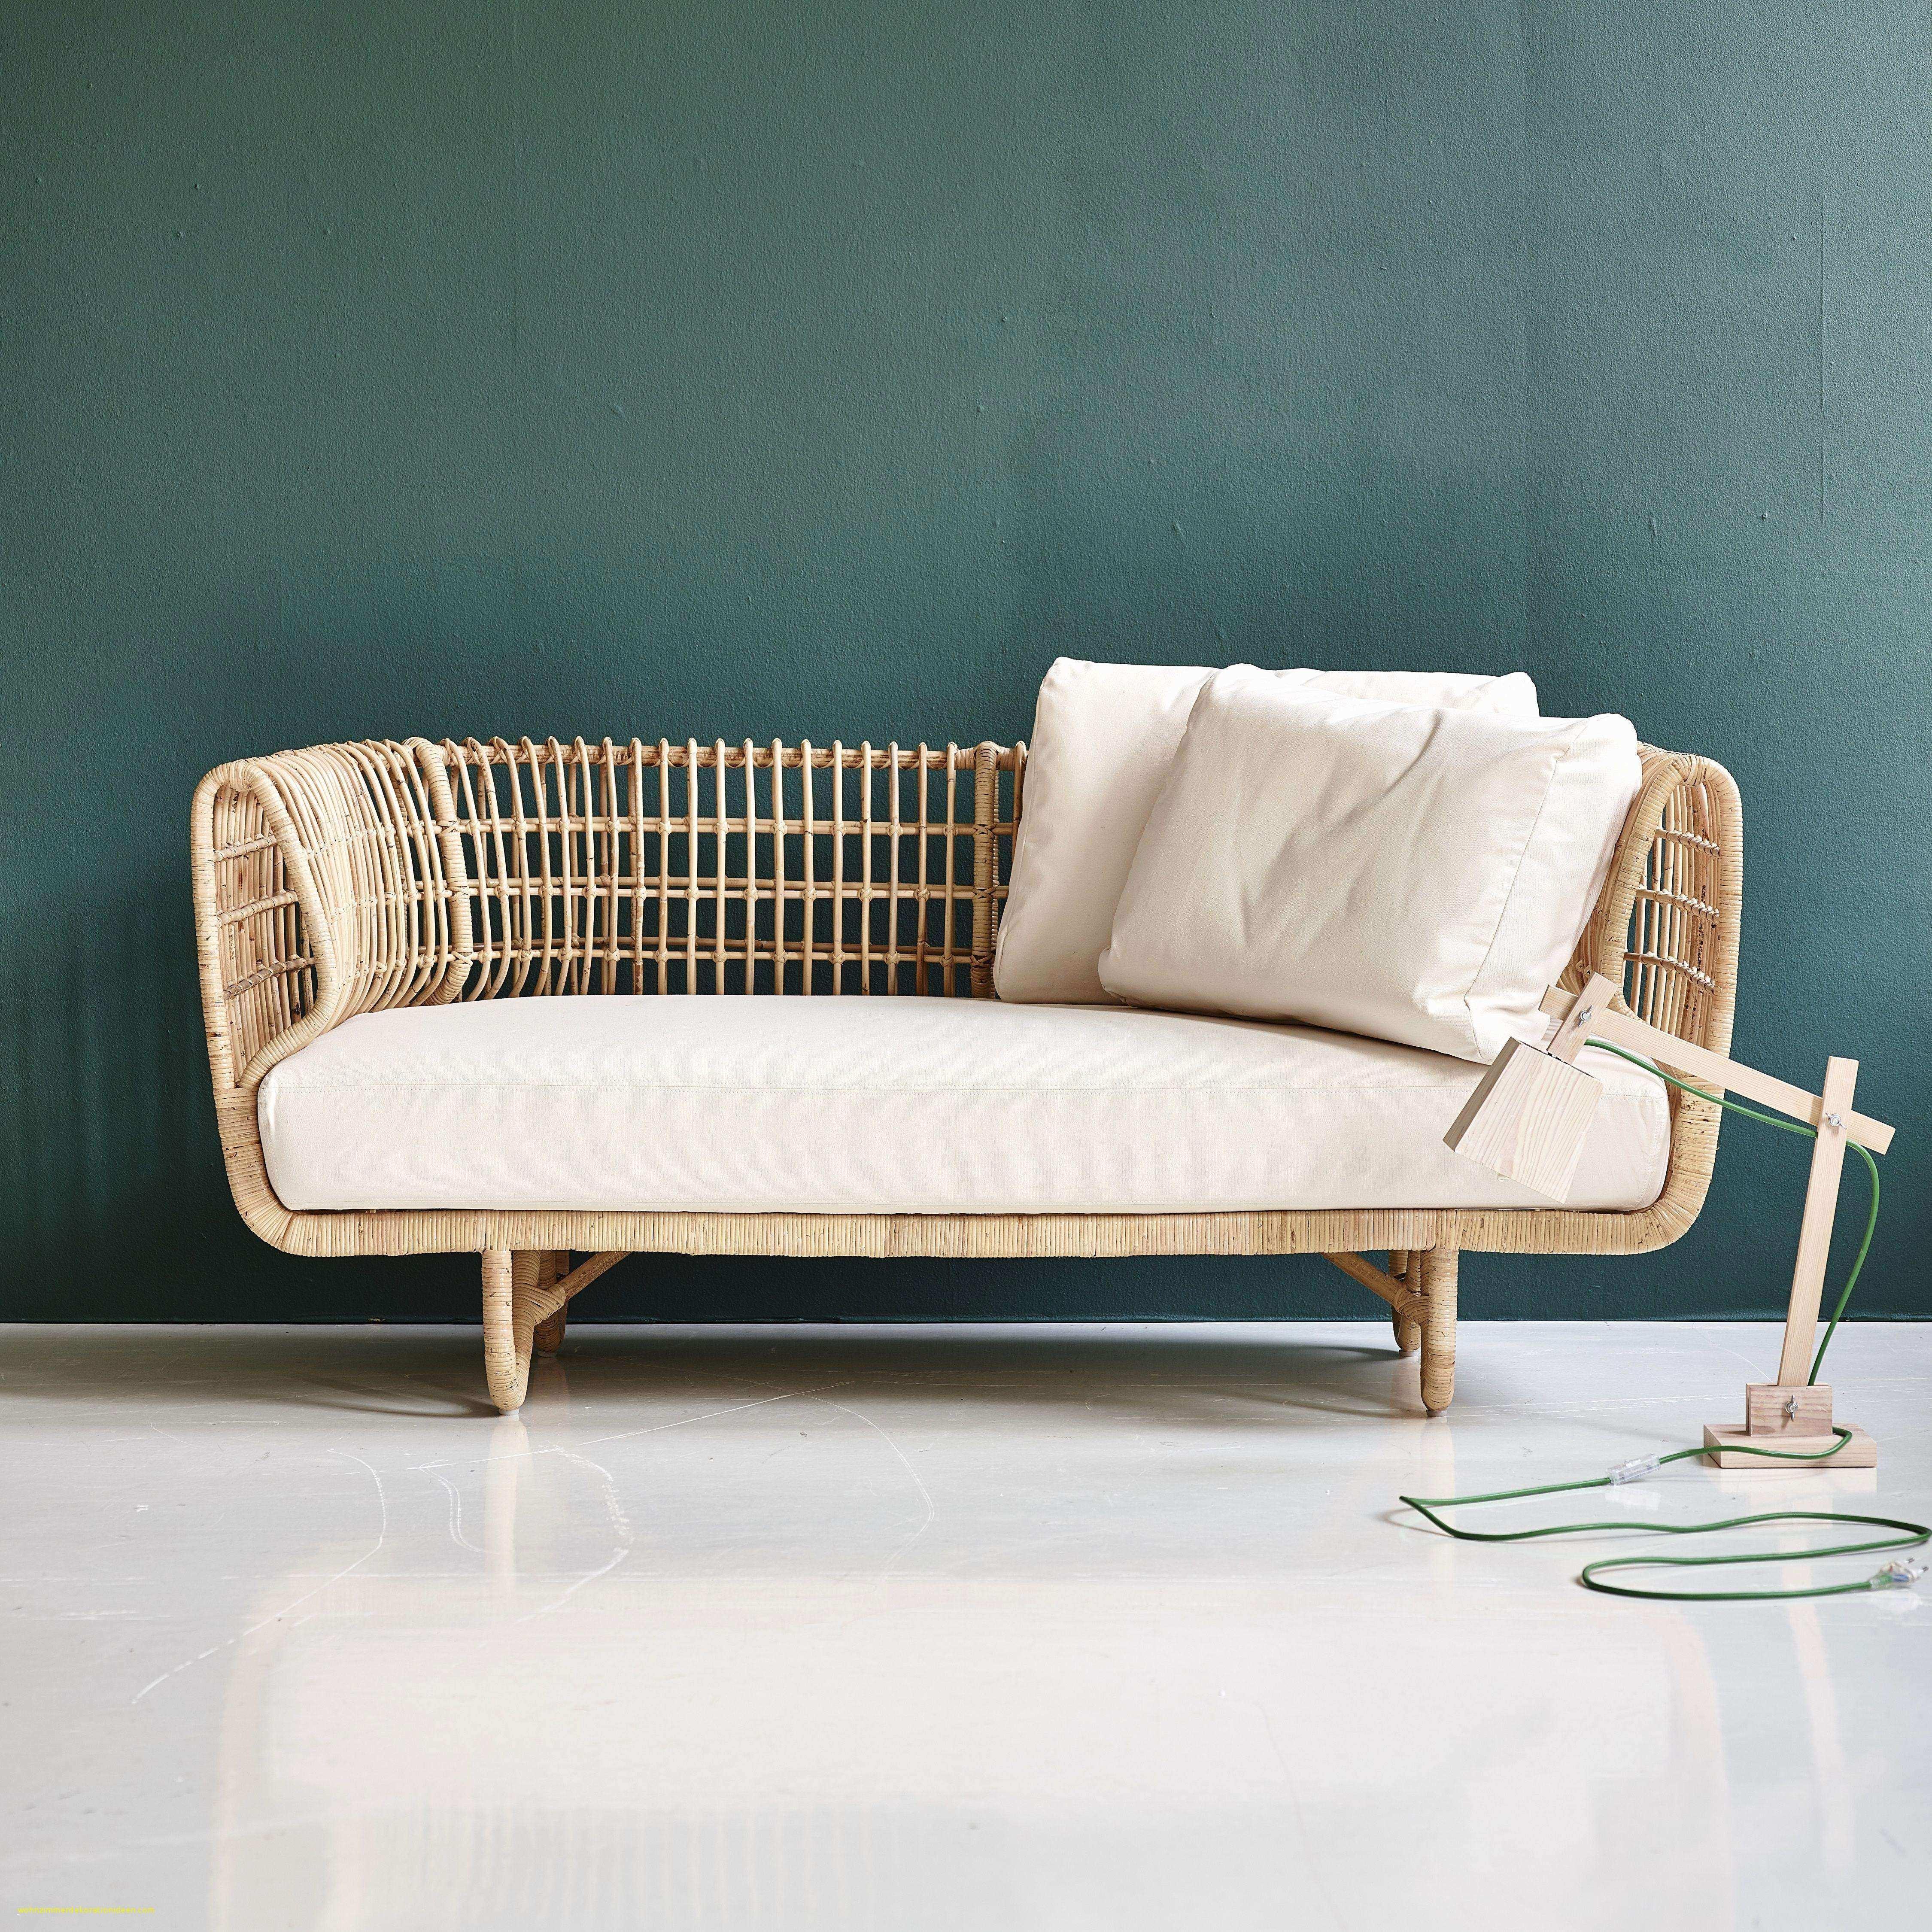 Zweisitzer Sofa Mit Relaxfunktion Elektrisch